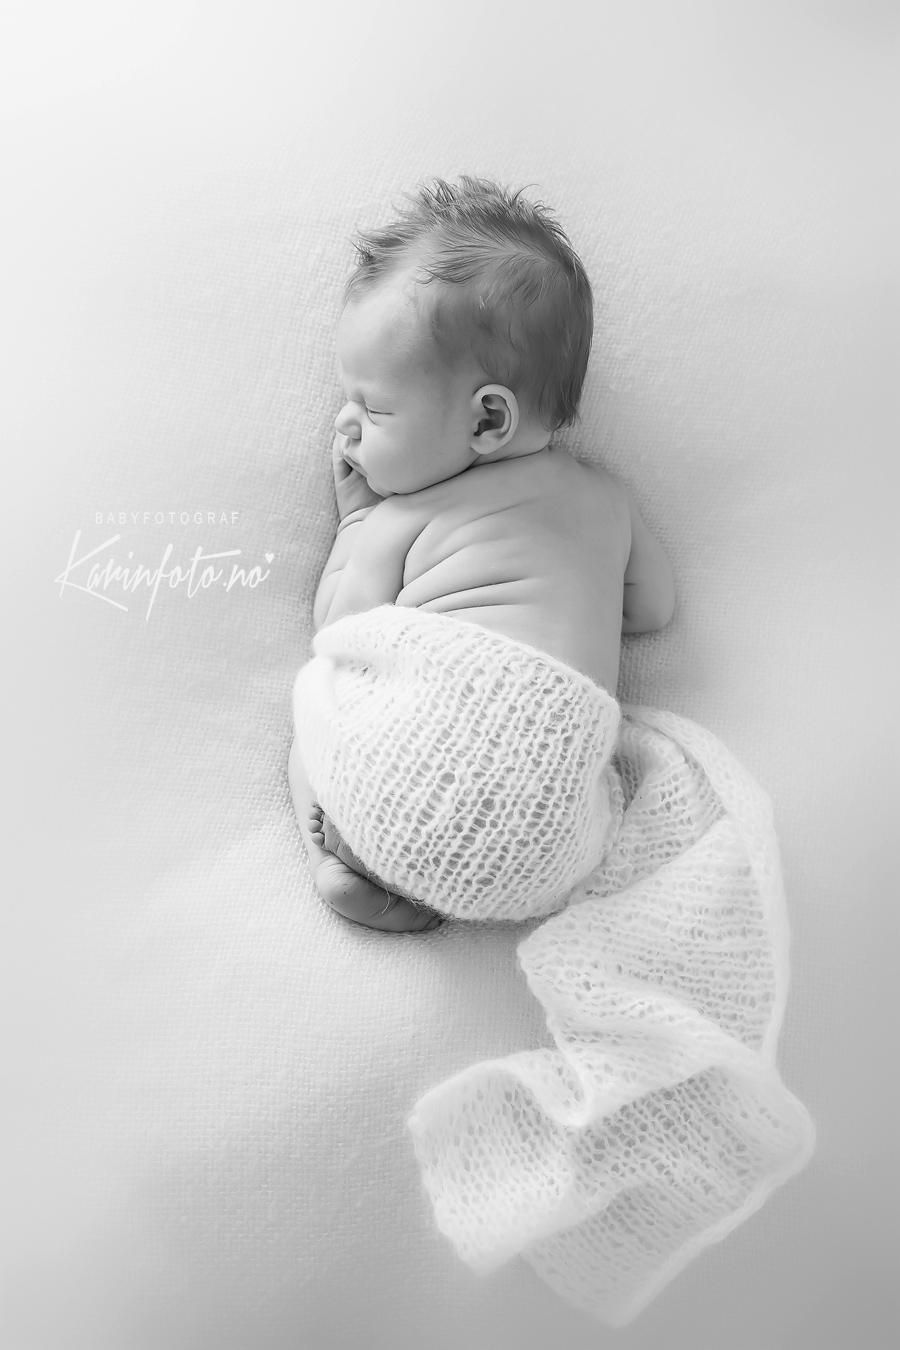 babyfotograf Karin Pedersen, KarinFoto, Nyfødtfotografering, Nyfødtfoto